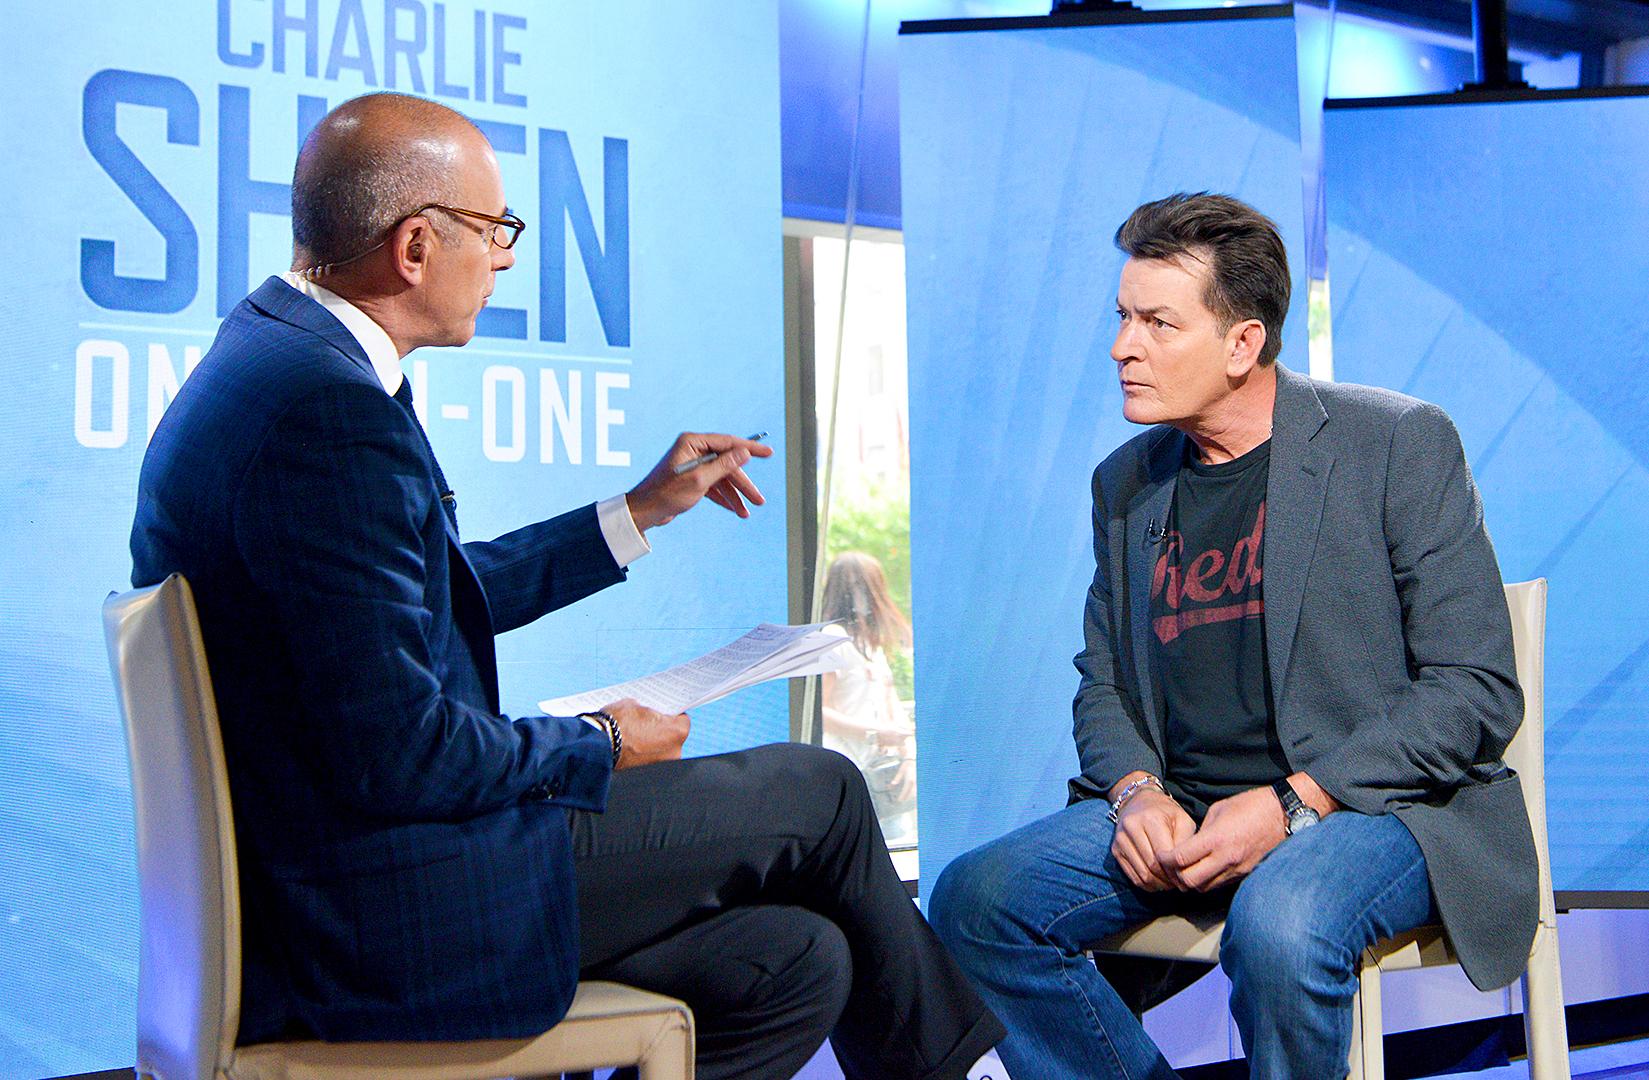 Matt Lauer and Charlie Sheen